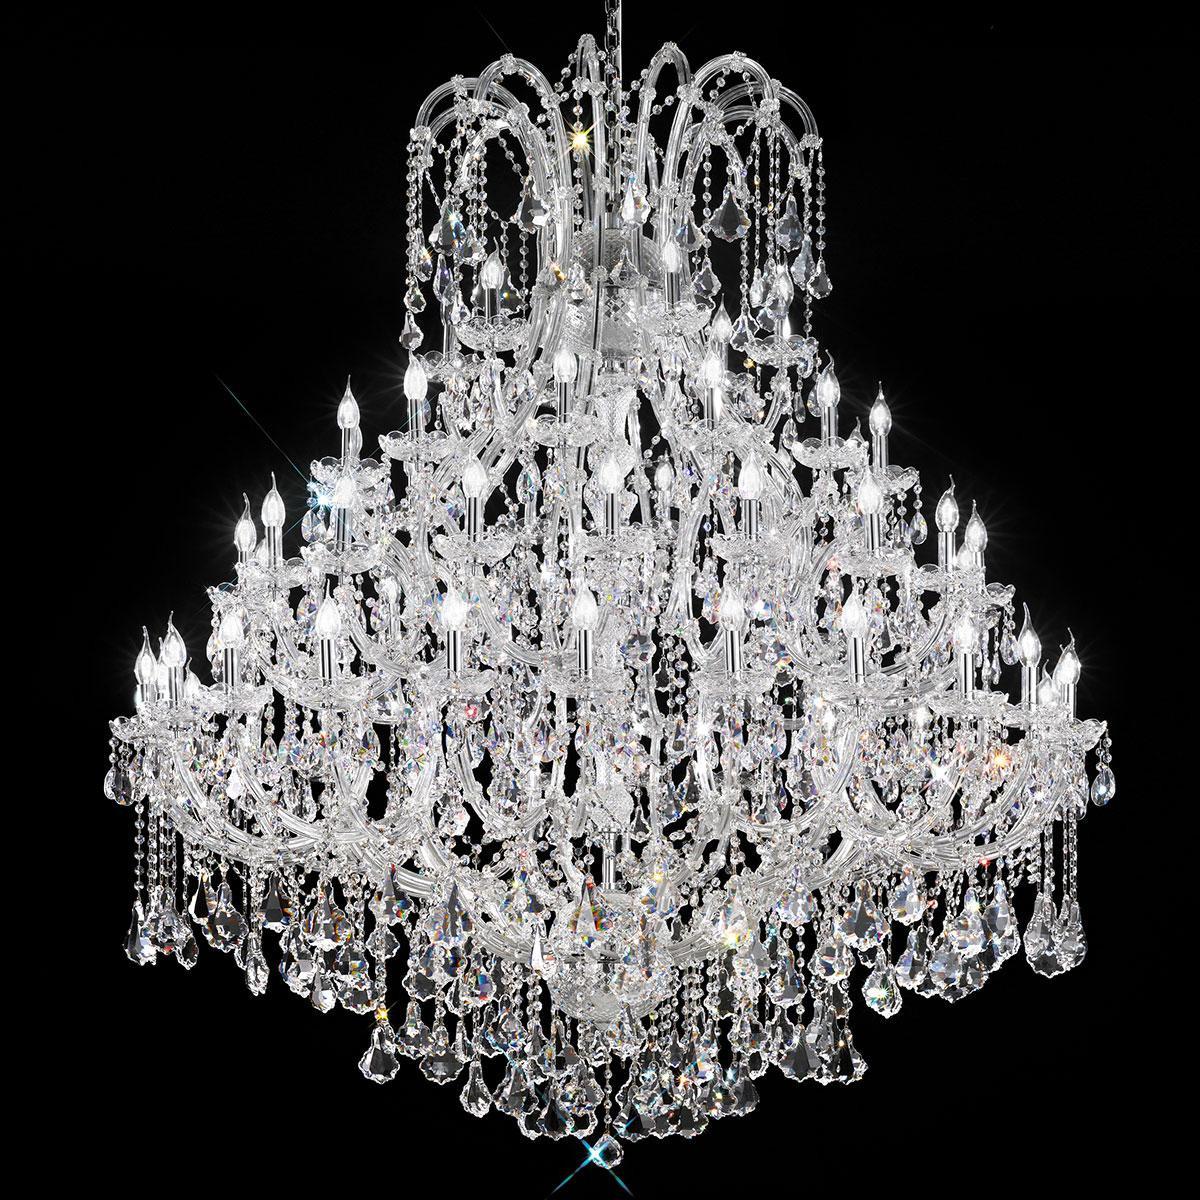 """""""Canaletto"""" venezianischer kristall kronleuchter - 60 flammig - transparent mit kristal Asfour"""